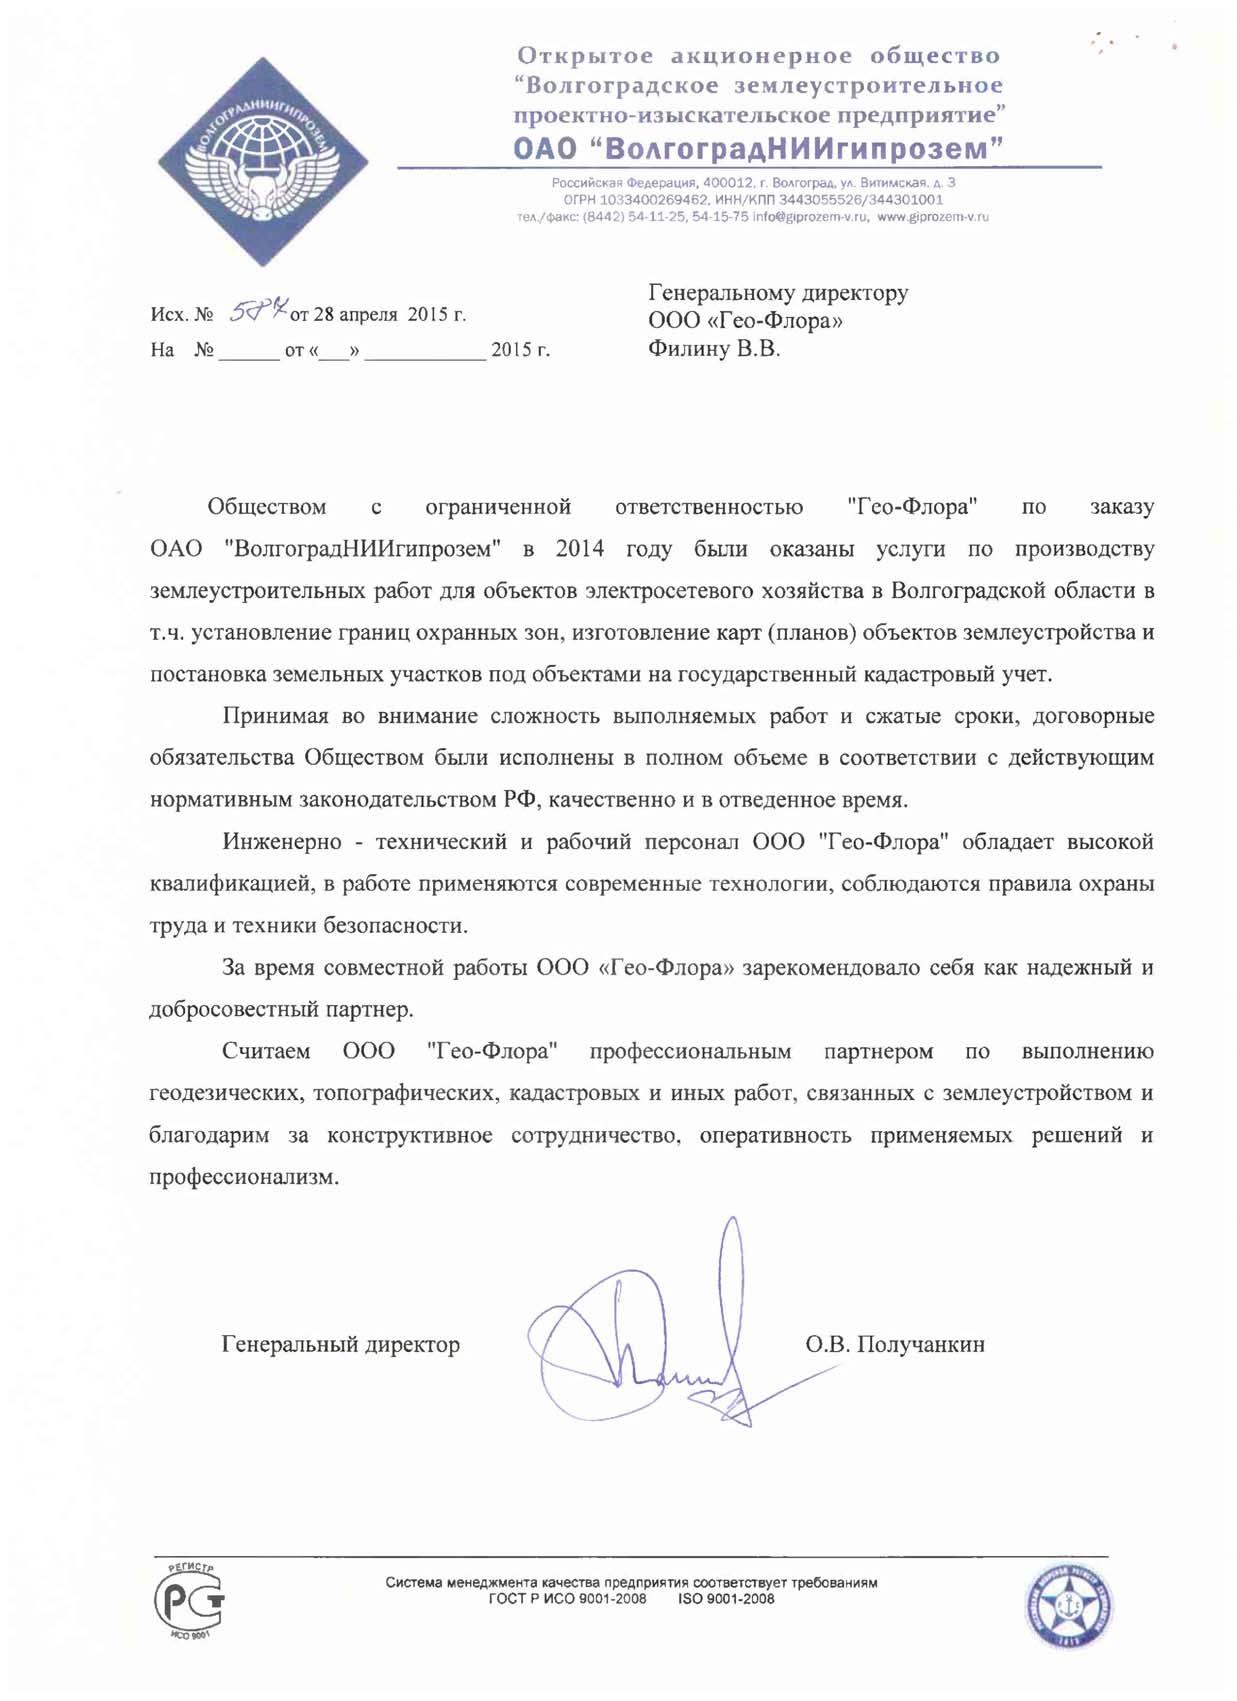 НИИ Гипрозем №16-2014